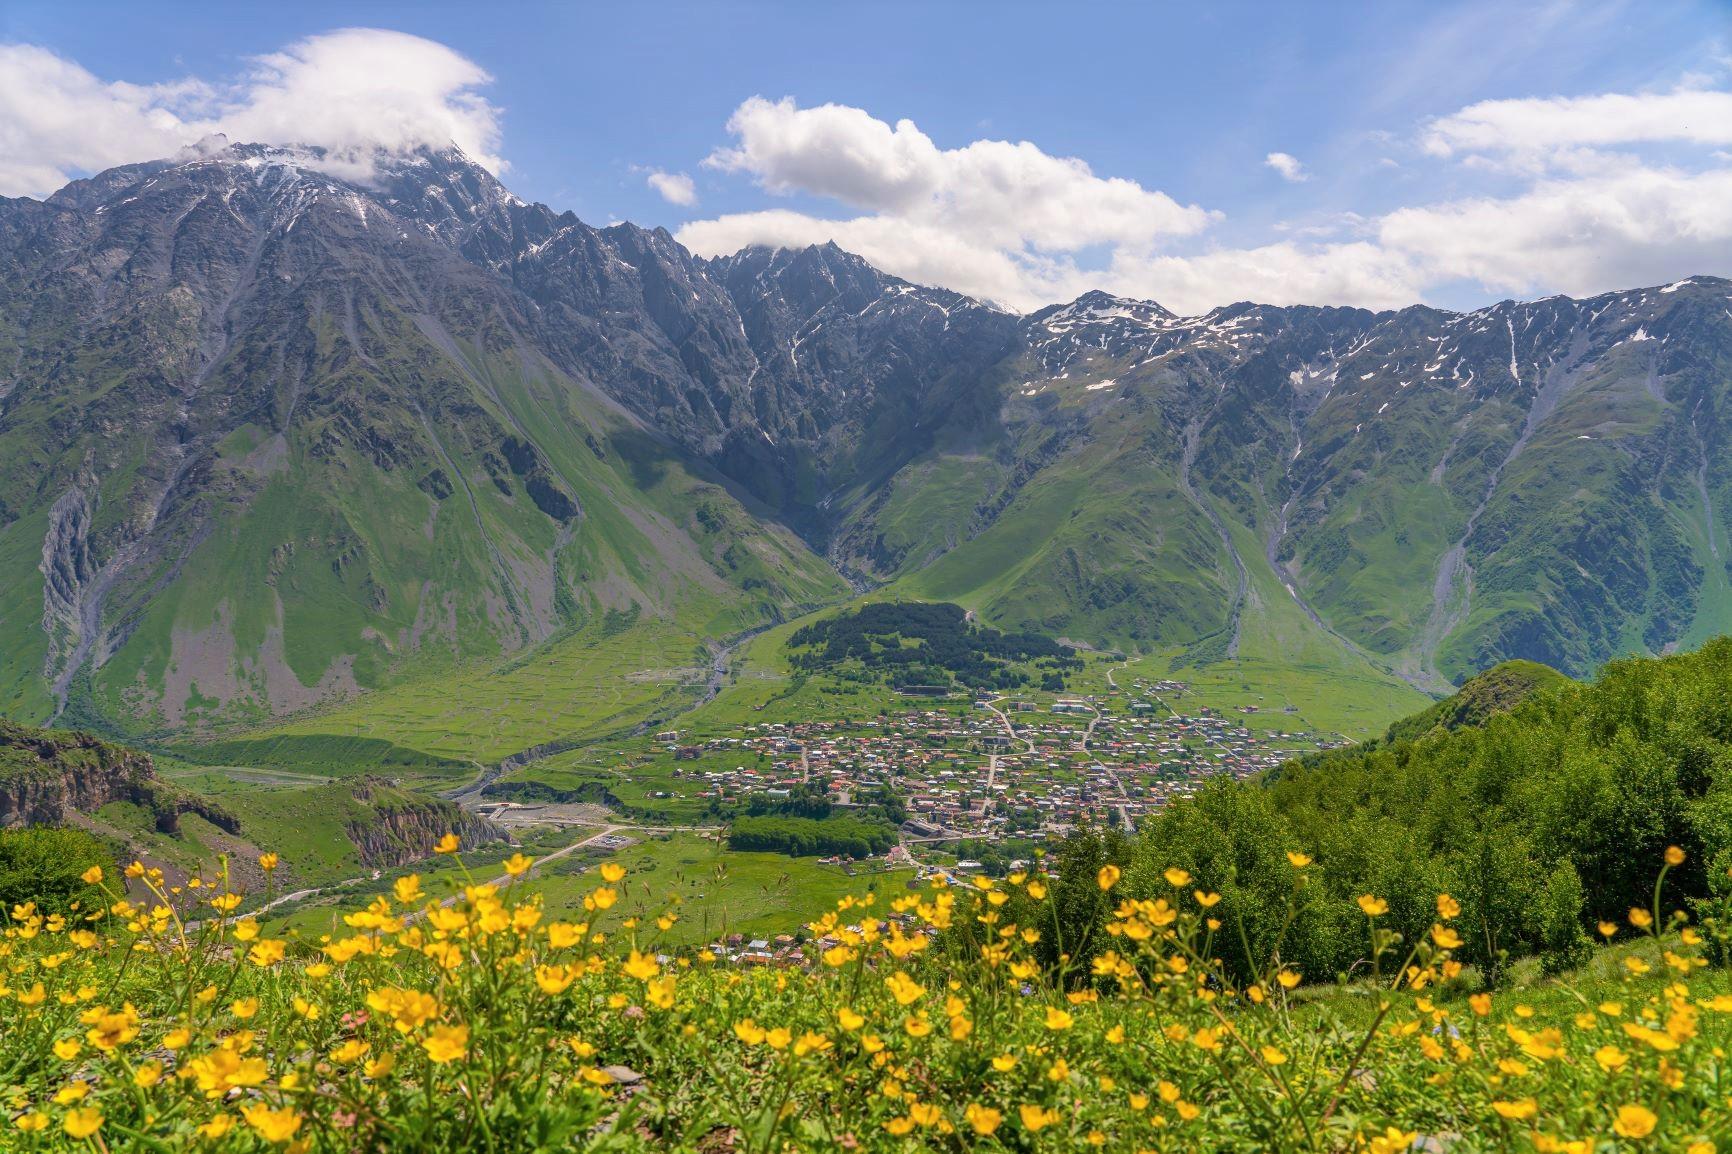 カズベキ村上部から村を見下ろす